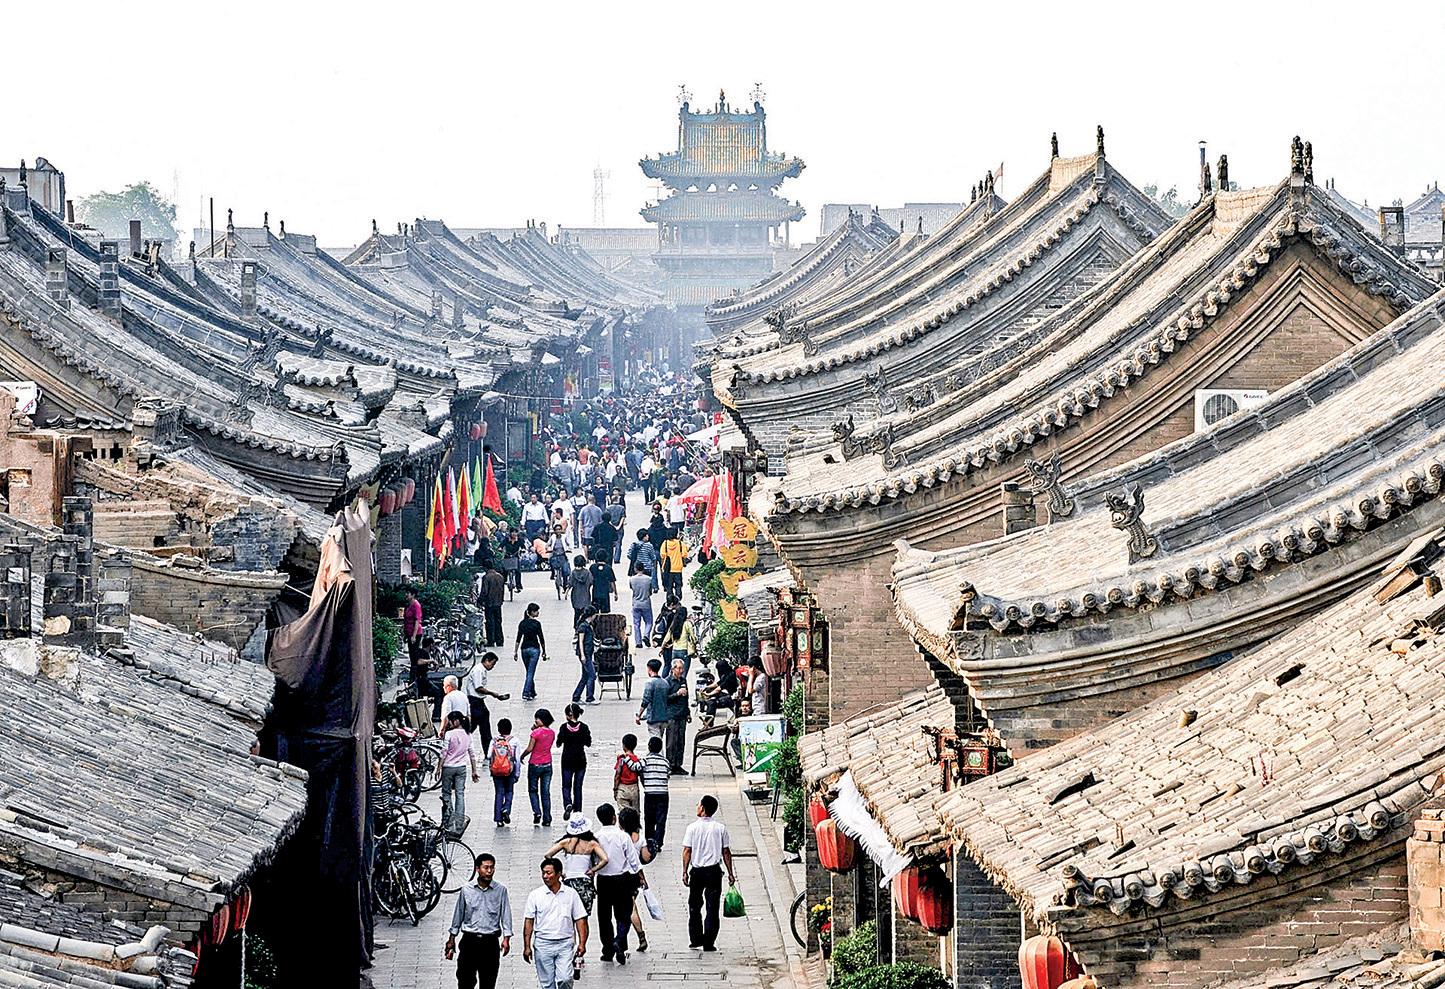 山西省平遙有著2700多年的歷史,以其古城牆和典型的住宅而聞名,被聯合國列入「世界遺產名錄」。圖為2006年平遙城的古宅一條街。(Getty Images)